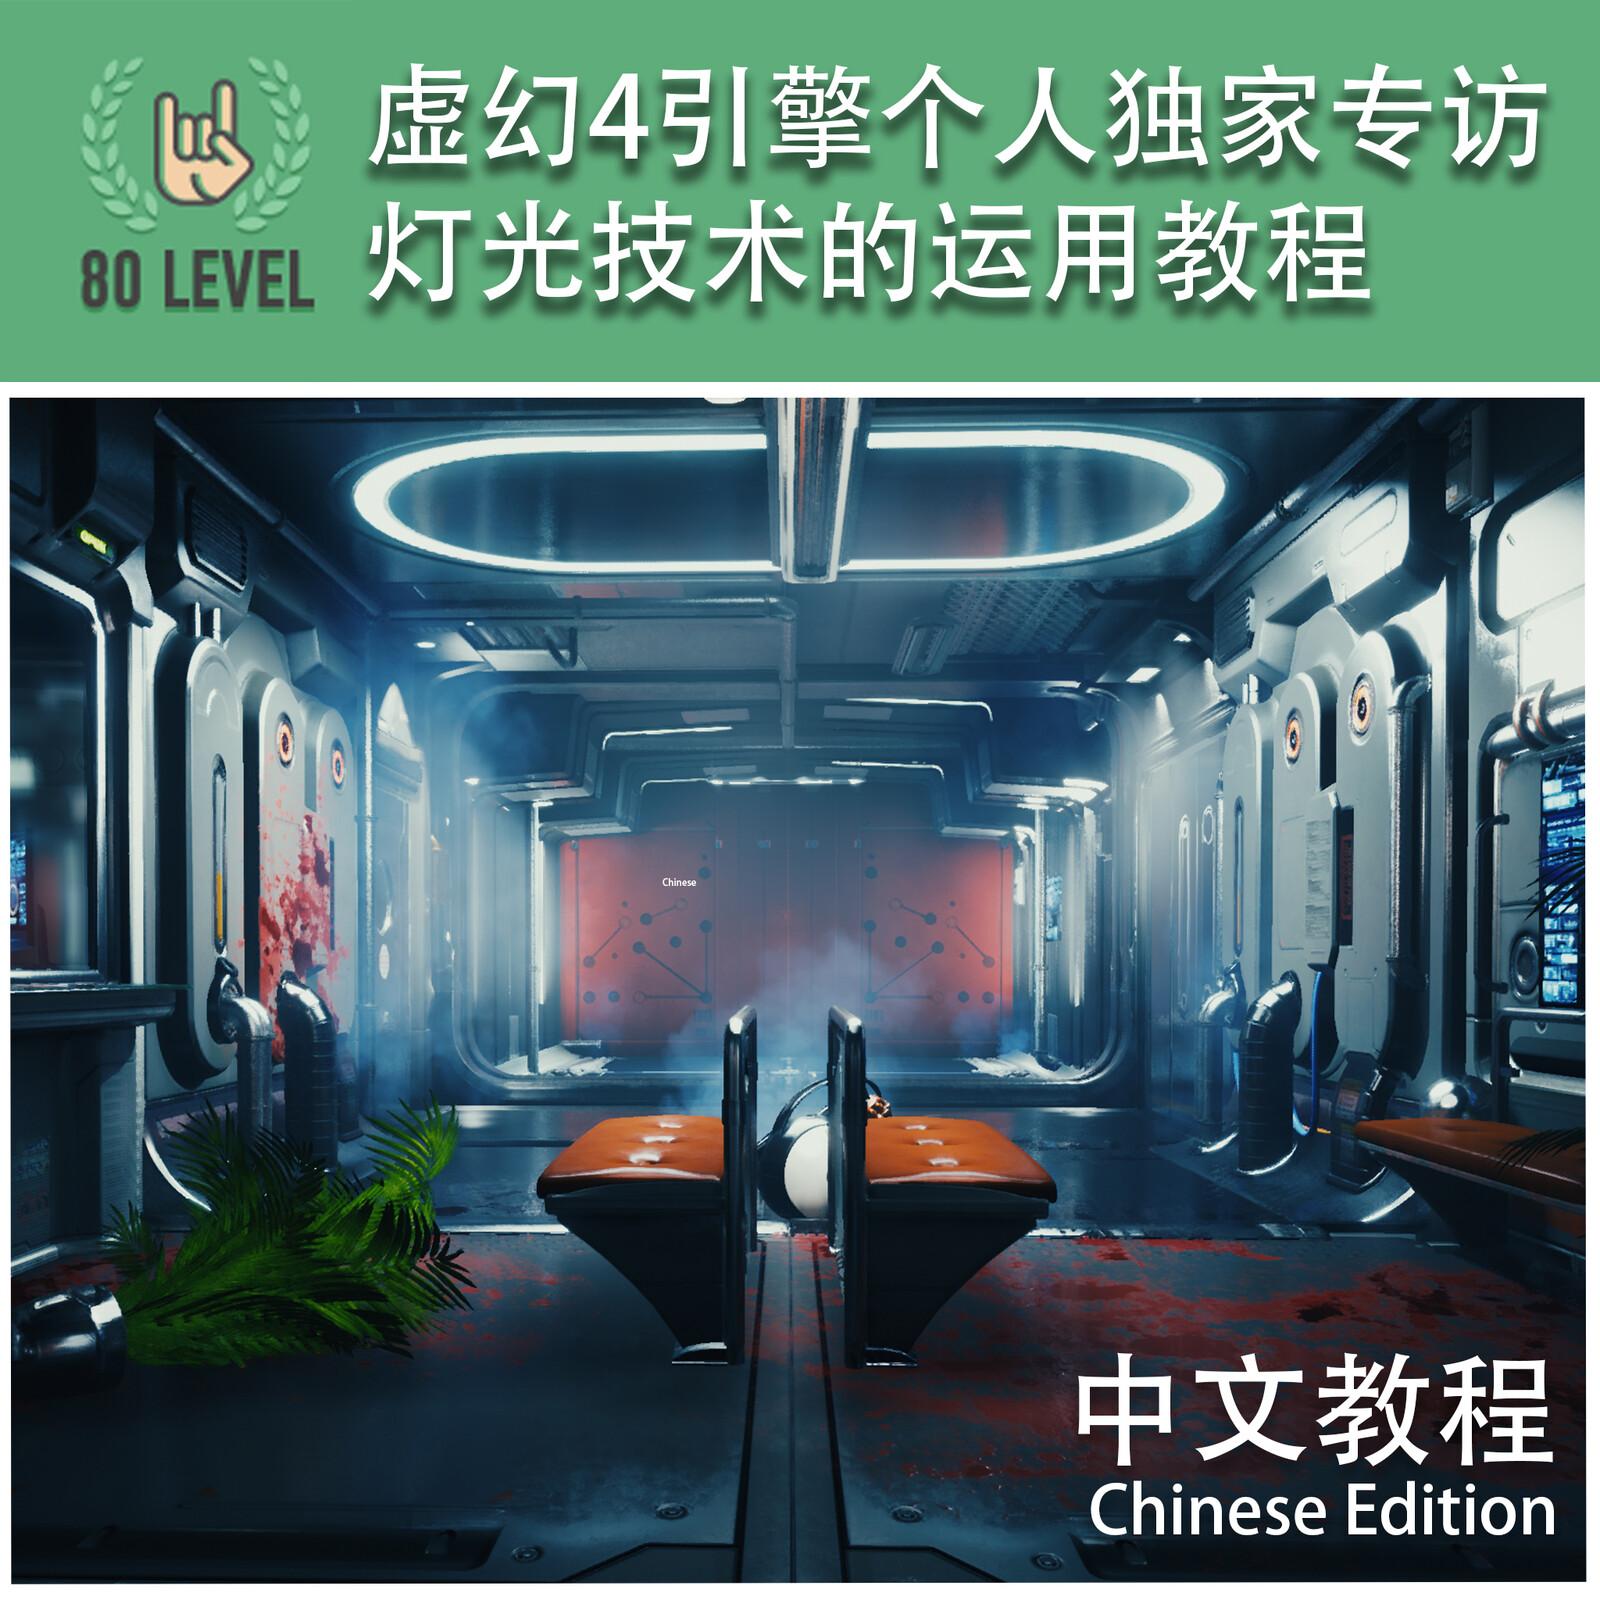 80.lv 虚幻4引擎个人独家专访灯光技术的运用全中文教程